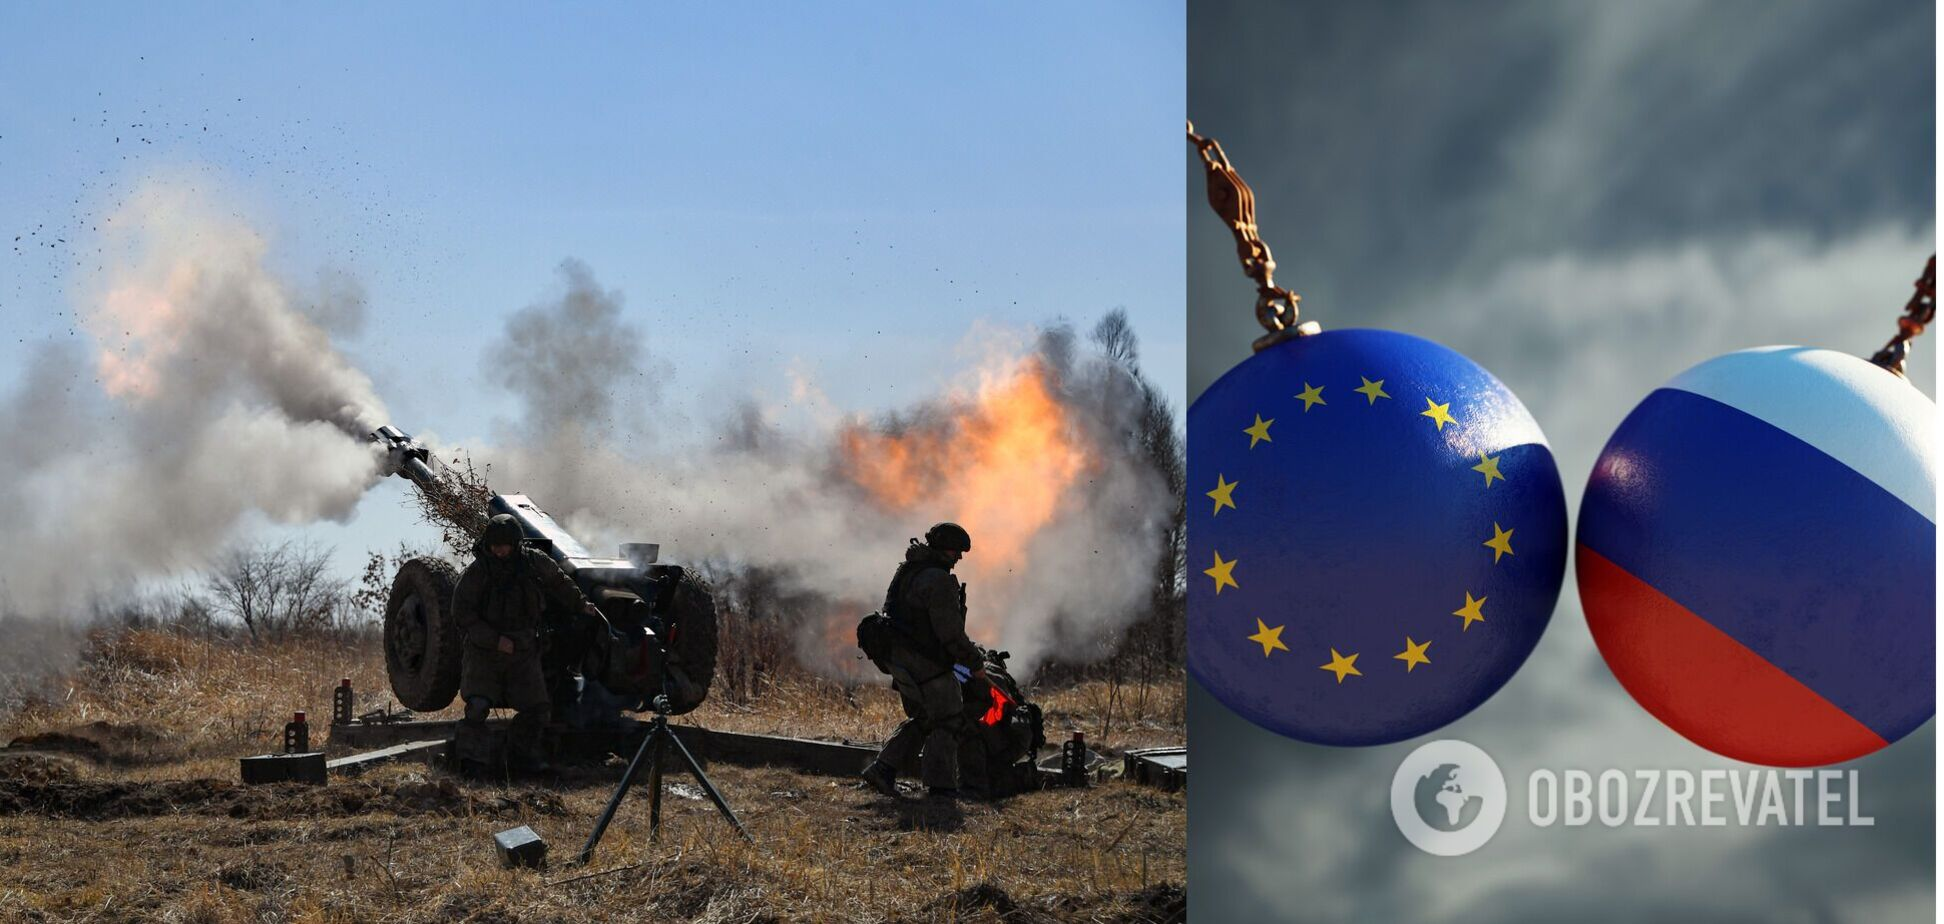 У Європарламенті закликали посилити санкції проти Росії через загострення на Донбасі